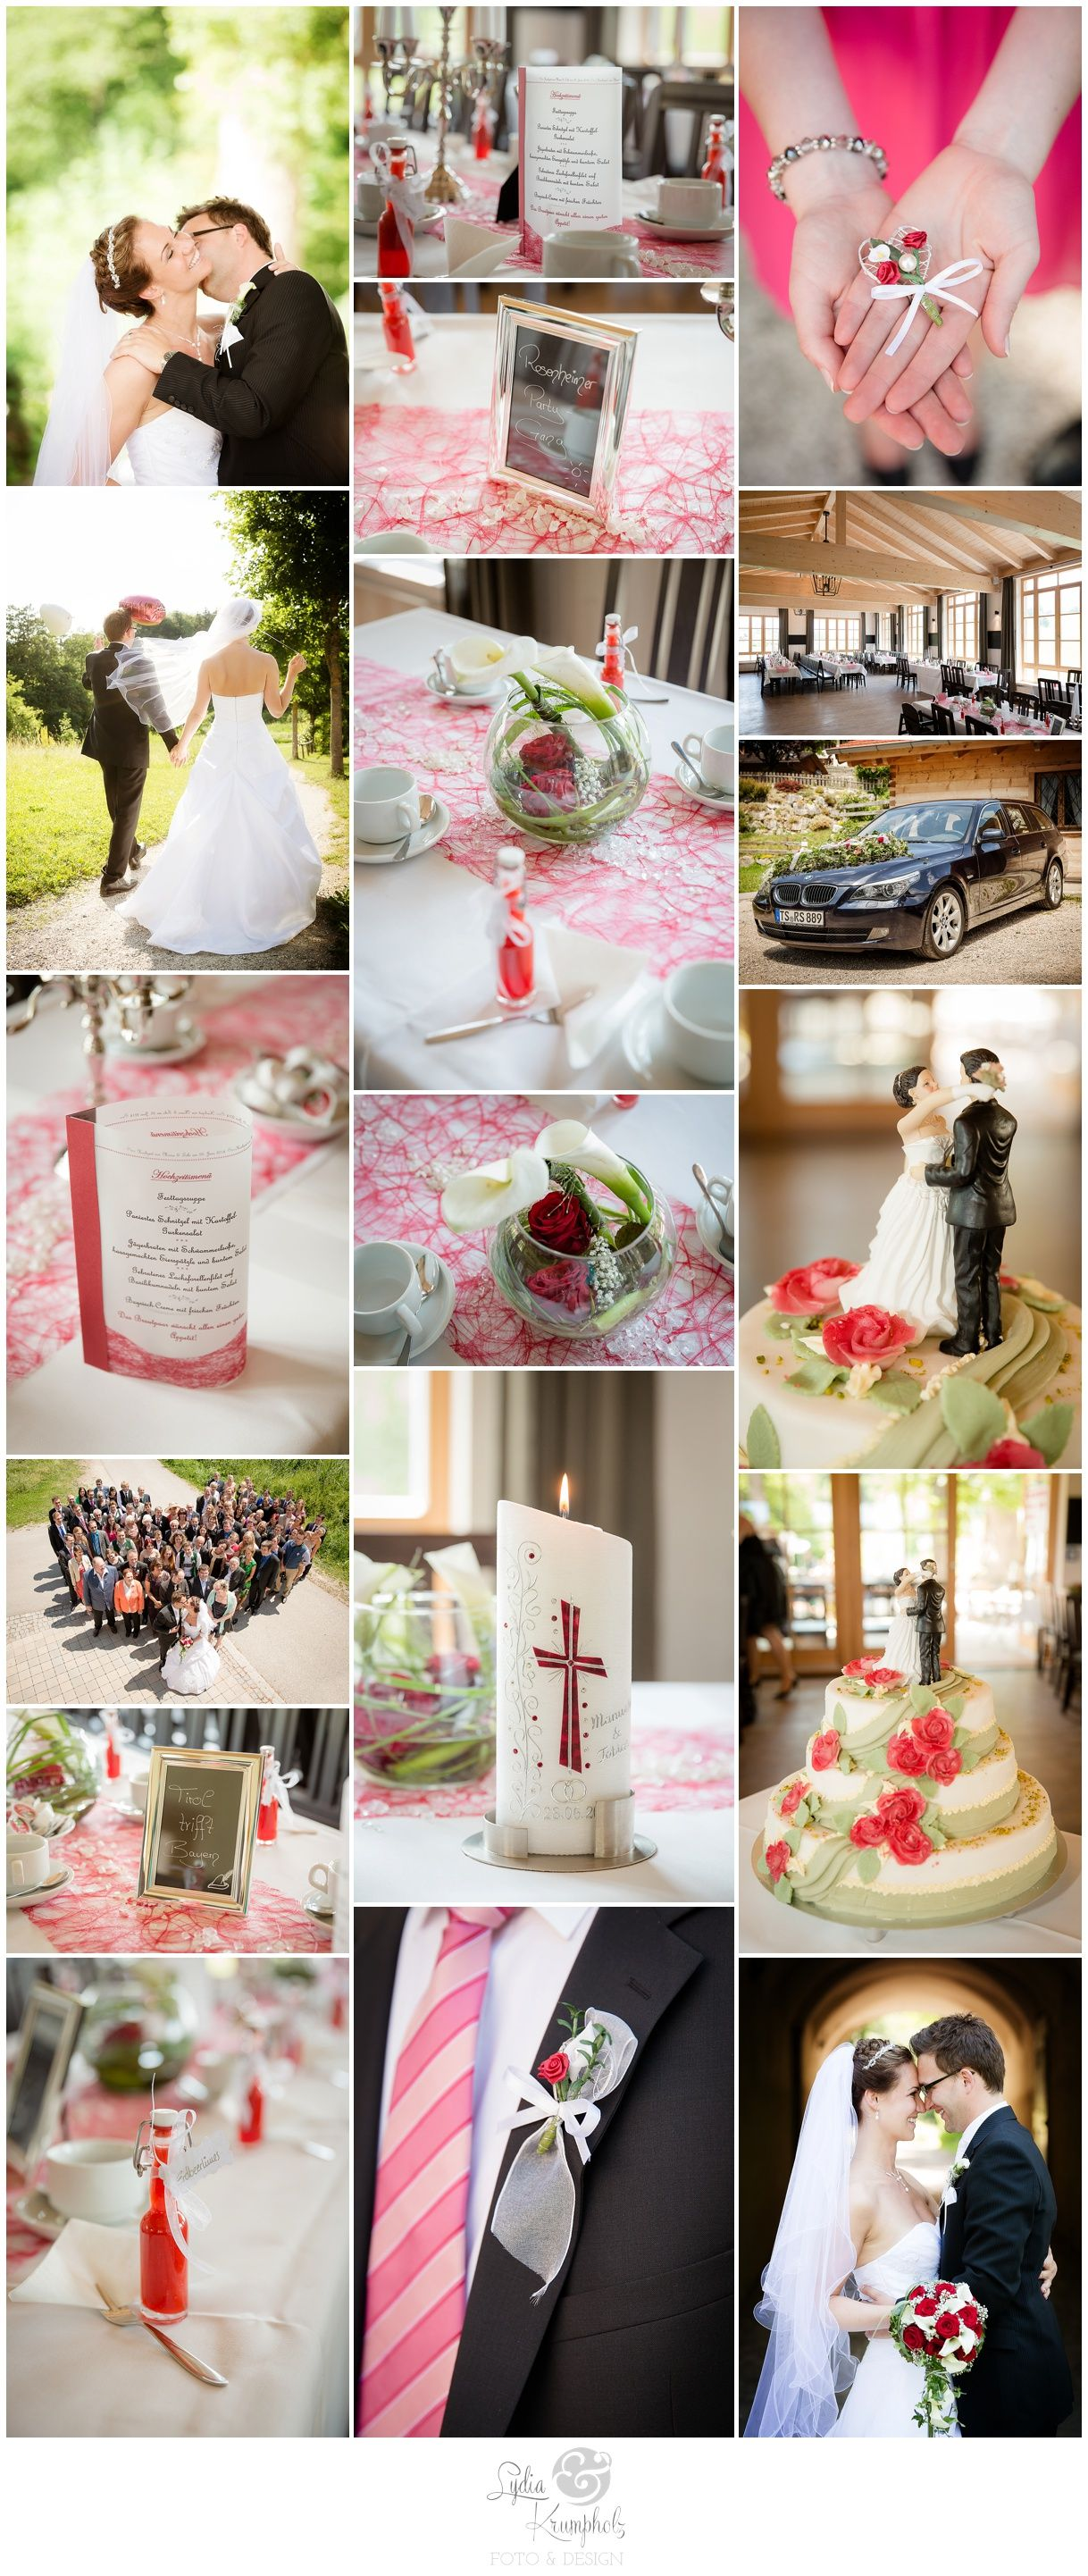 Klassische Hochzeitsdekoration Mit Bayerischem Touch Hochzeitsdeko